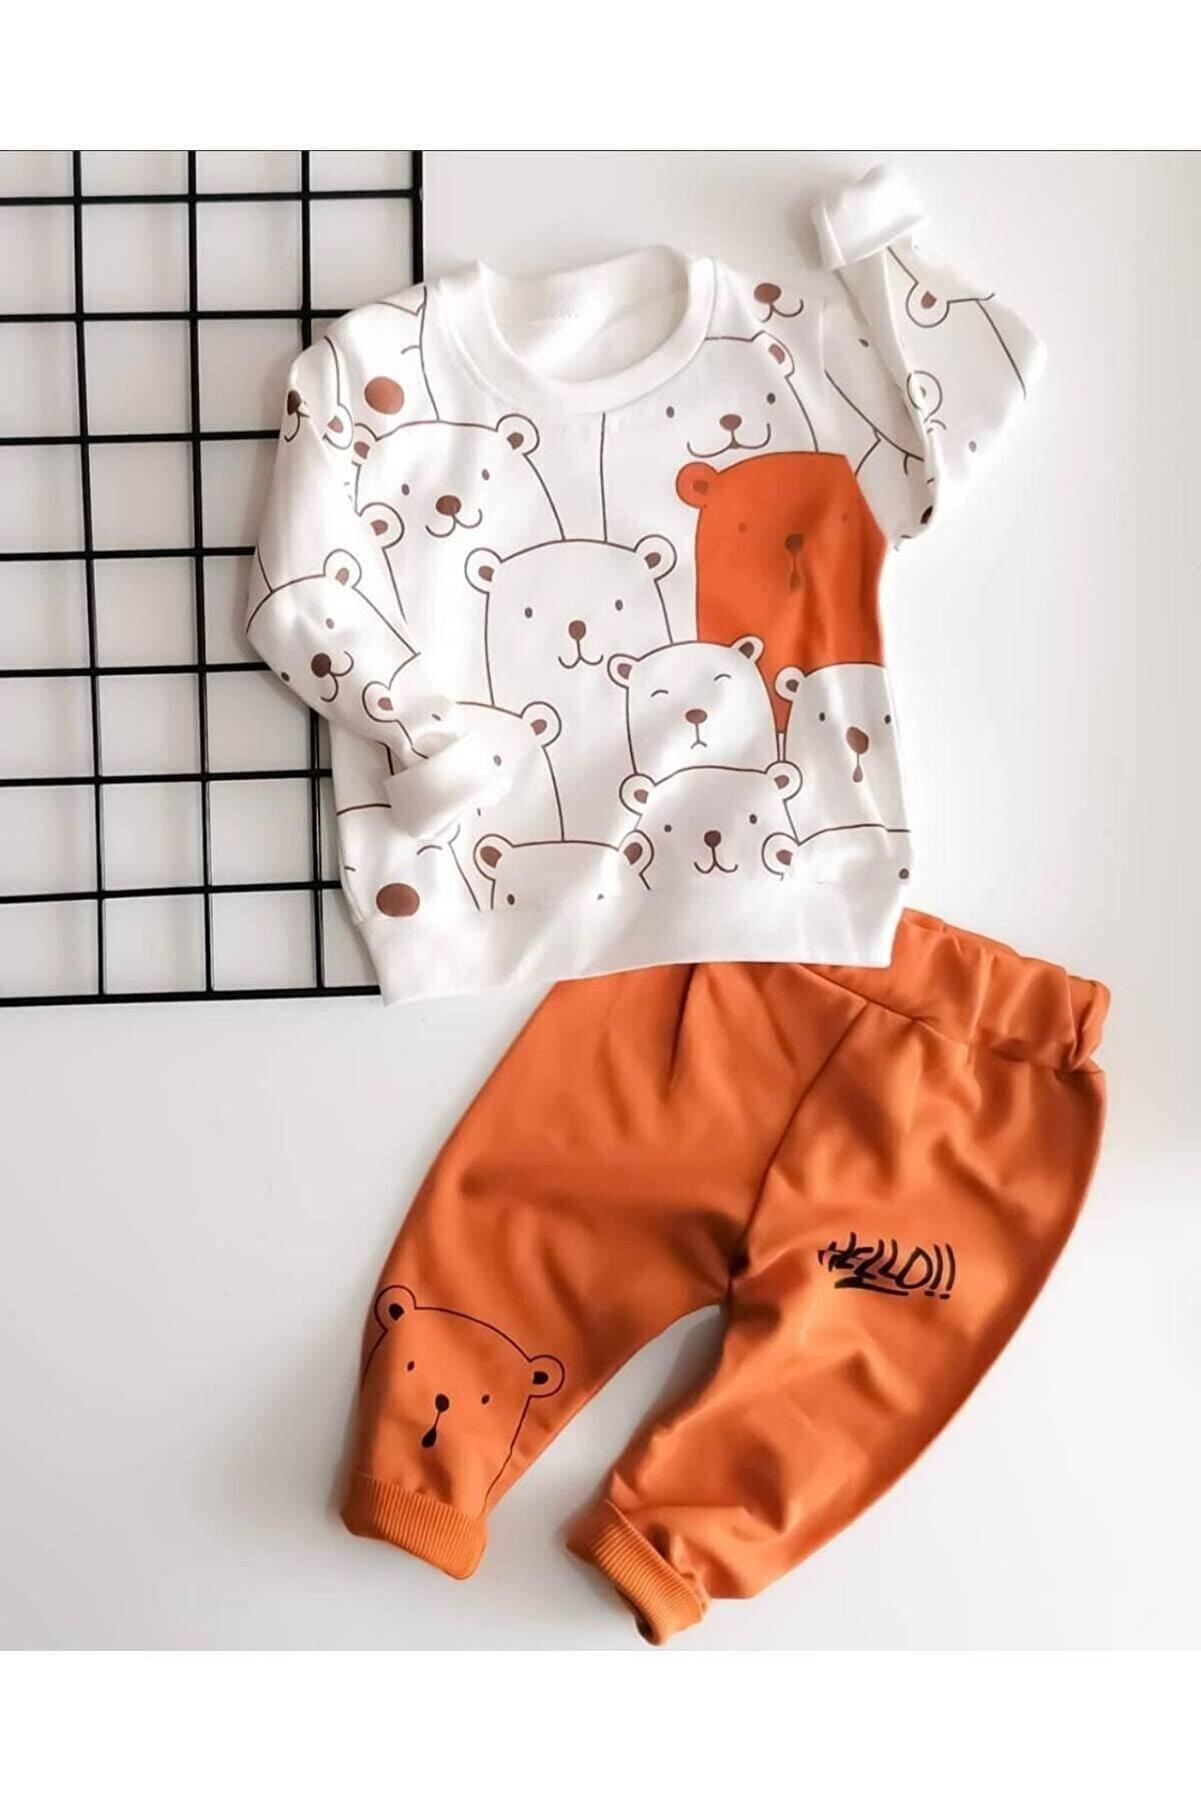 Beren Kids Hello Ayılar Desenli Bebek Alt Üst Takım